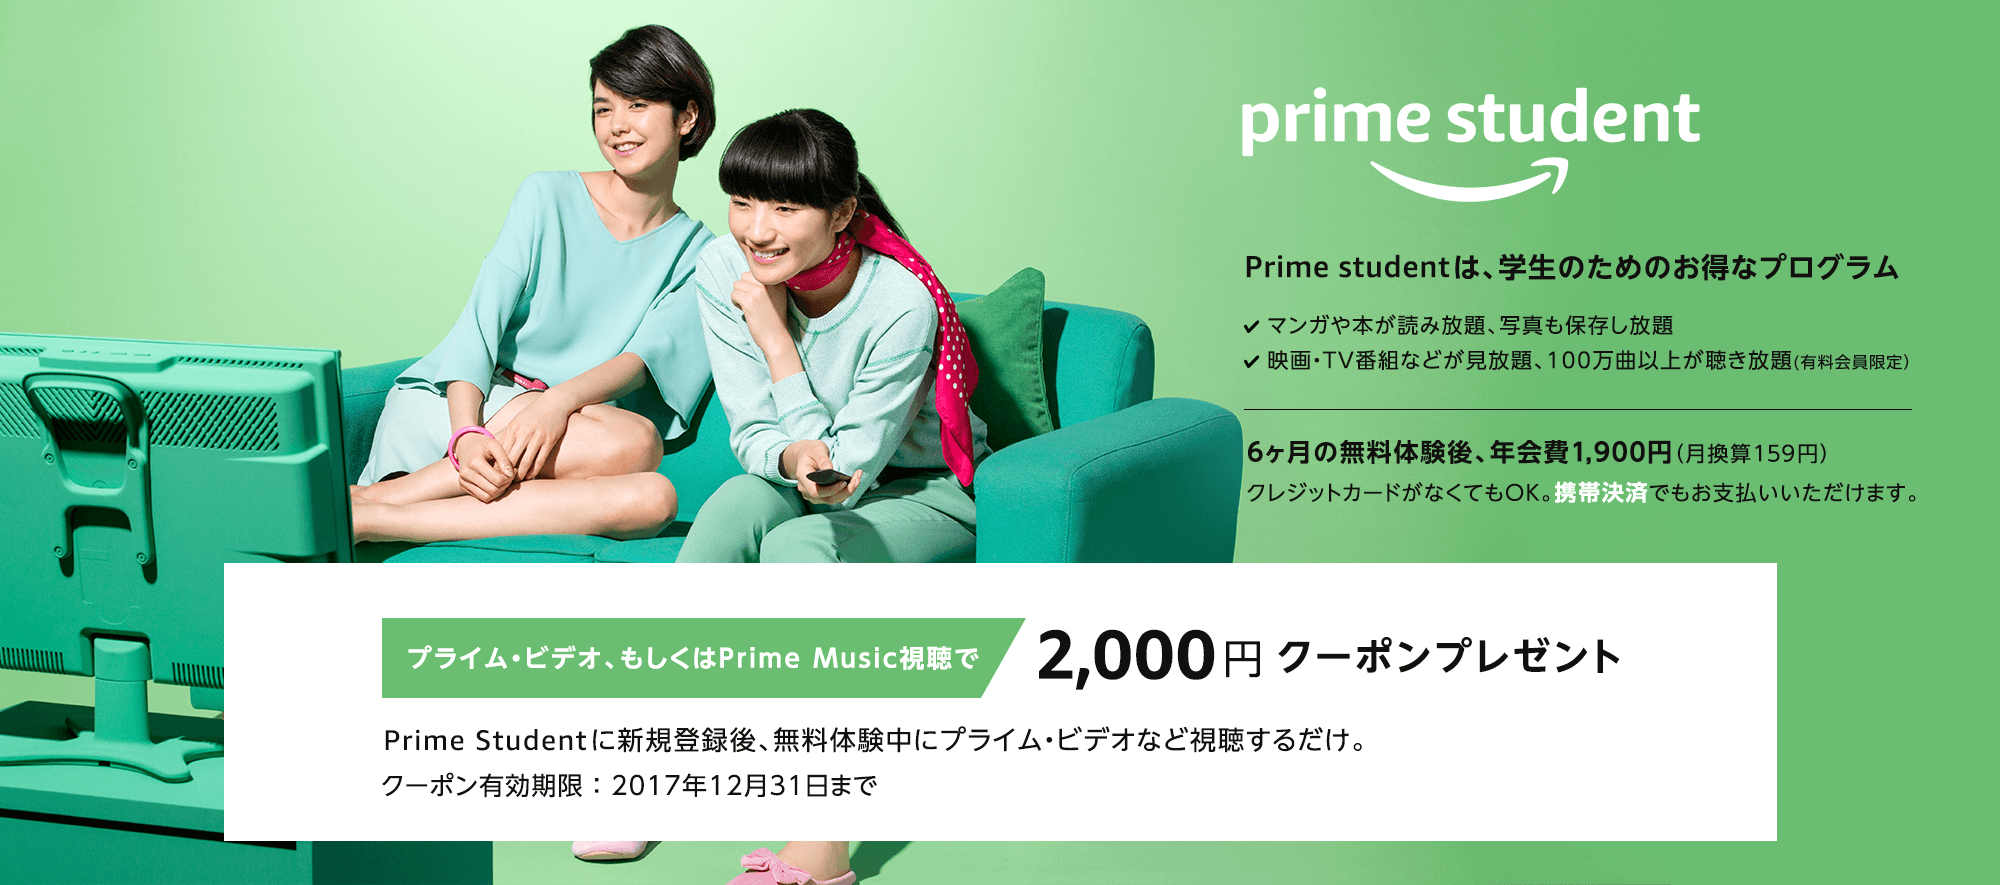 プライム・ビデオ、Prime Music視聴で2,000円クーポンプレゼント